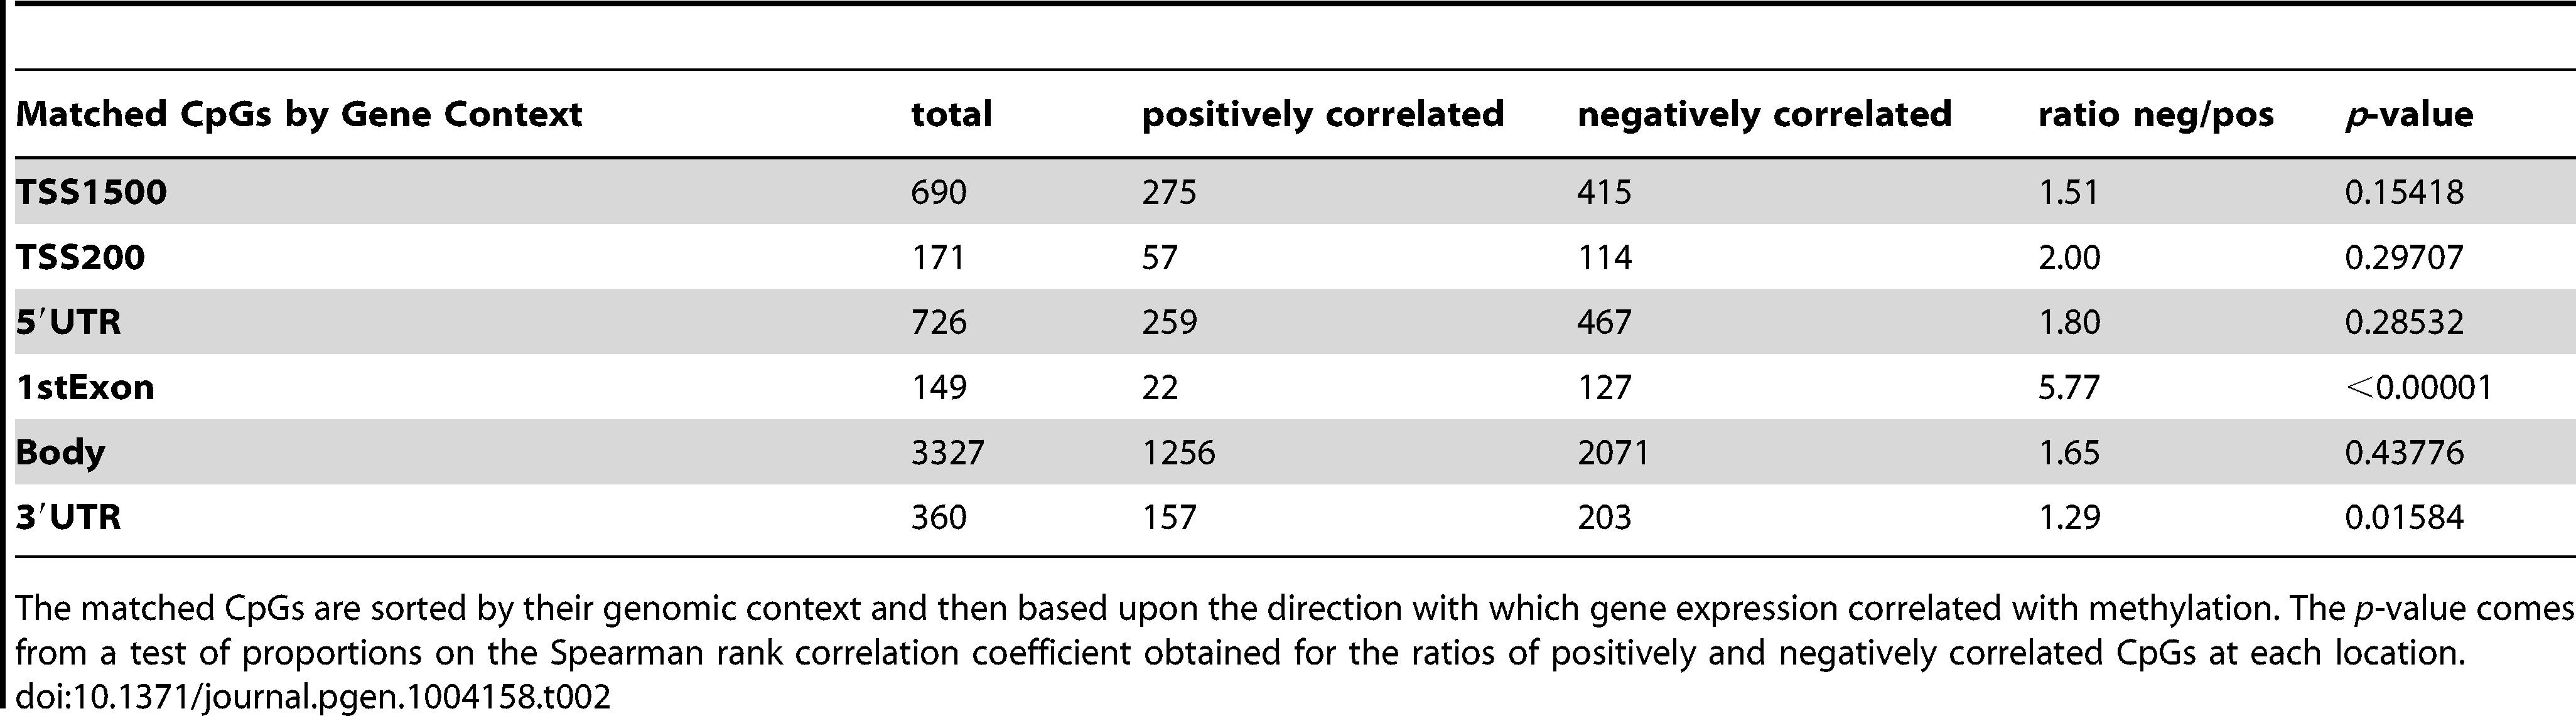 Correlation of methylation with gene expression based on gene context.